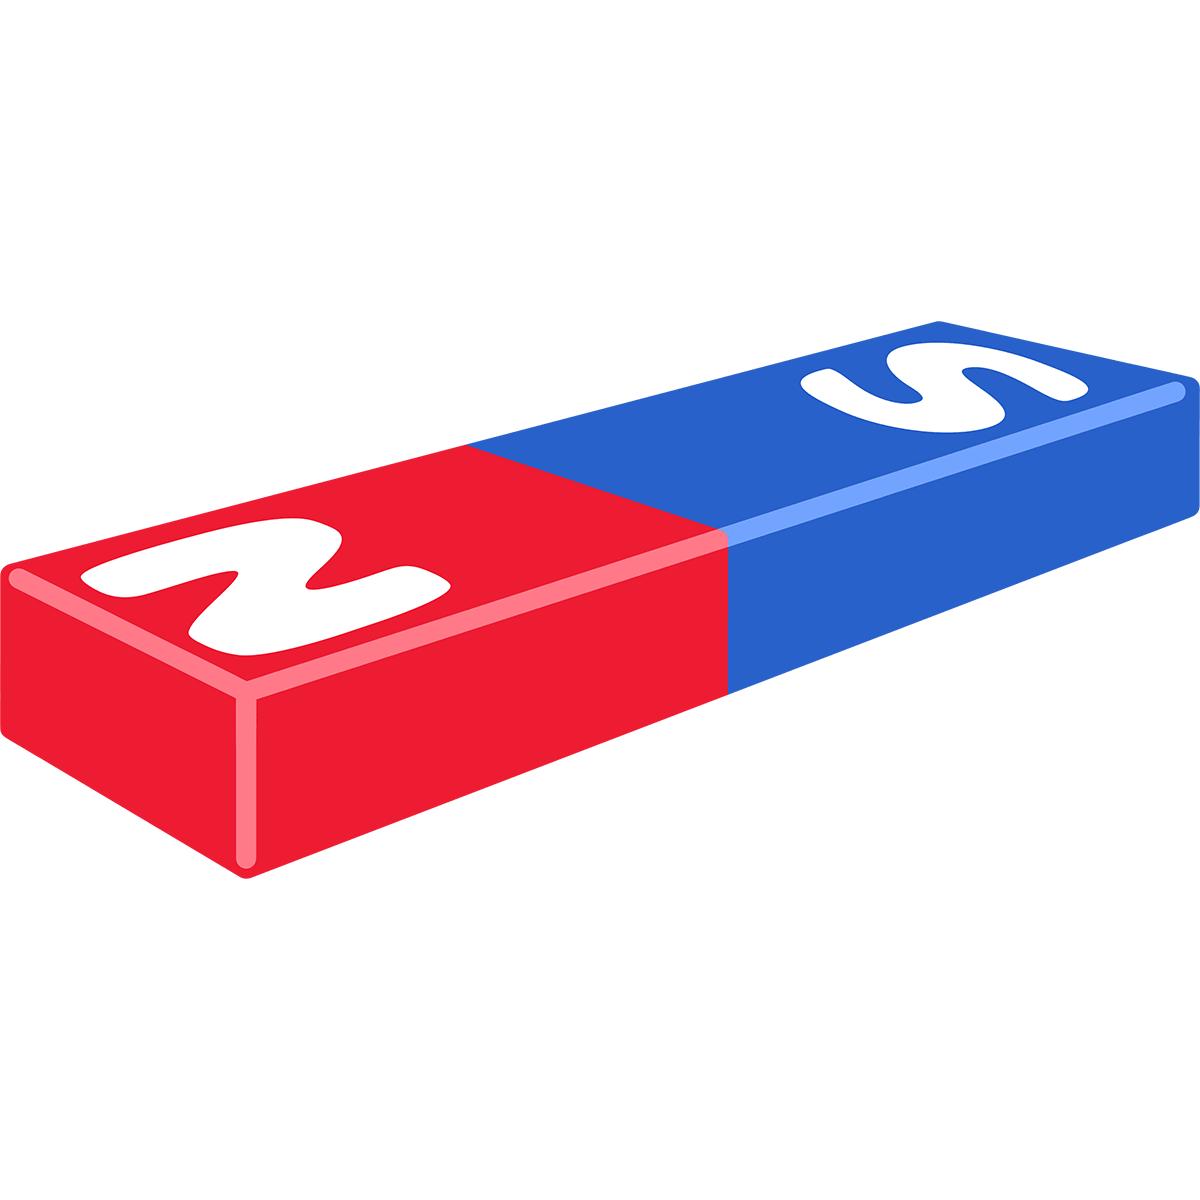 棒磁石の無料イラスト